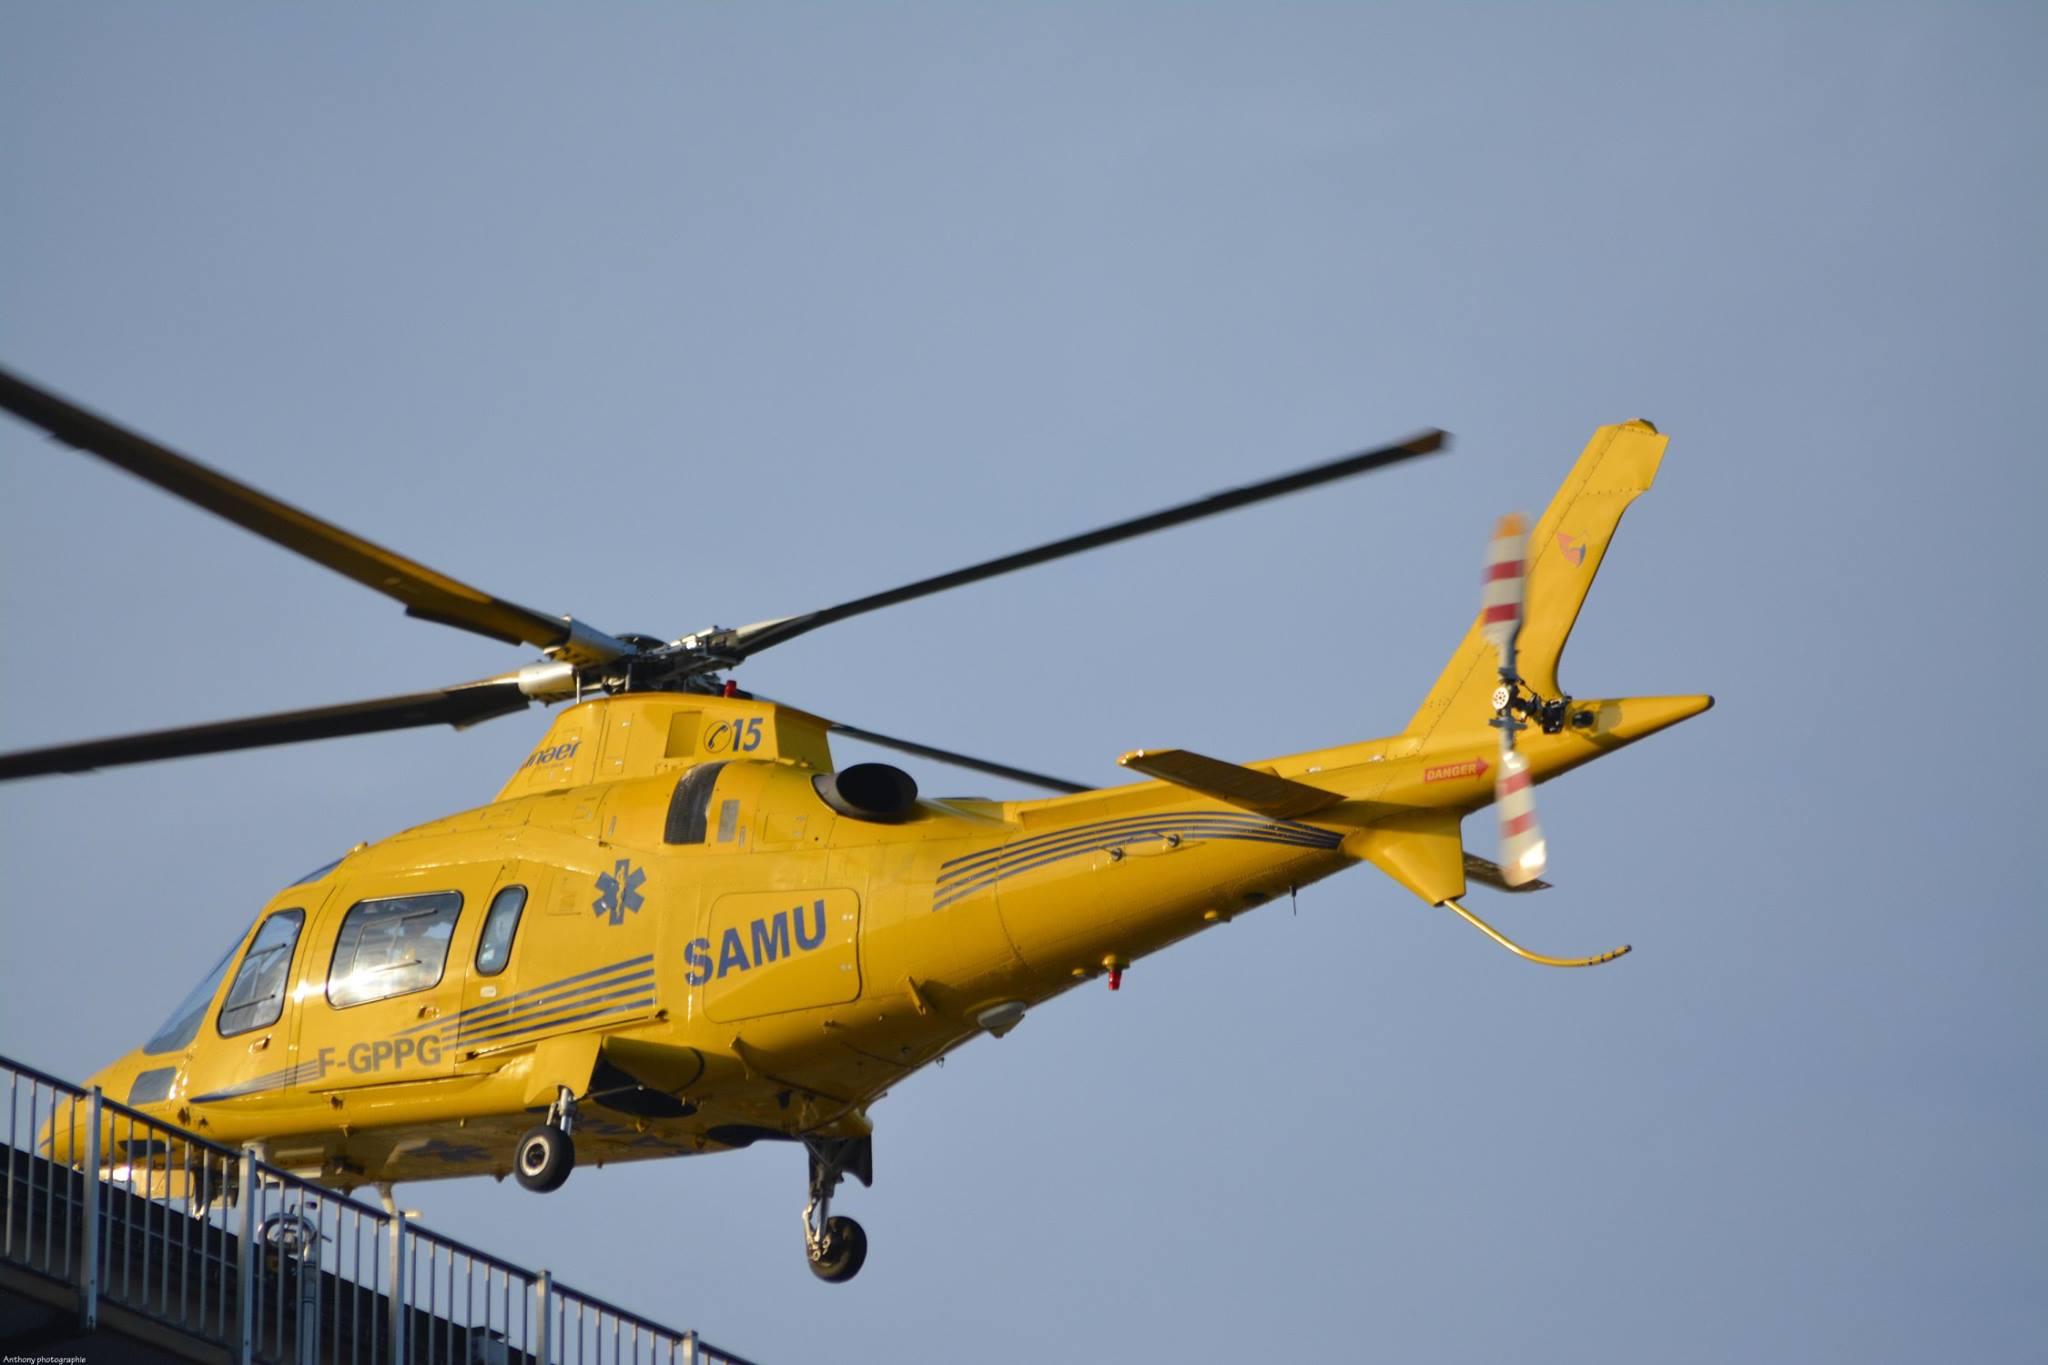 Le jeune homme, blessé légèrement, a été transporté au CHU par l'hélicoptère sanitaire du SAMU (Photo@autotitre.com)